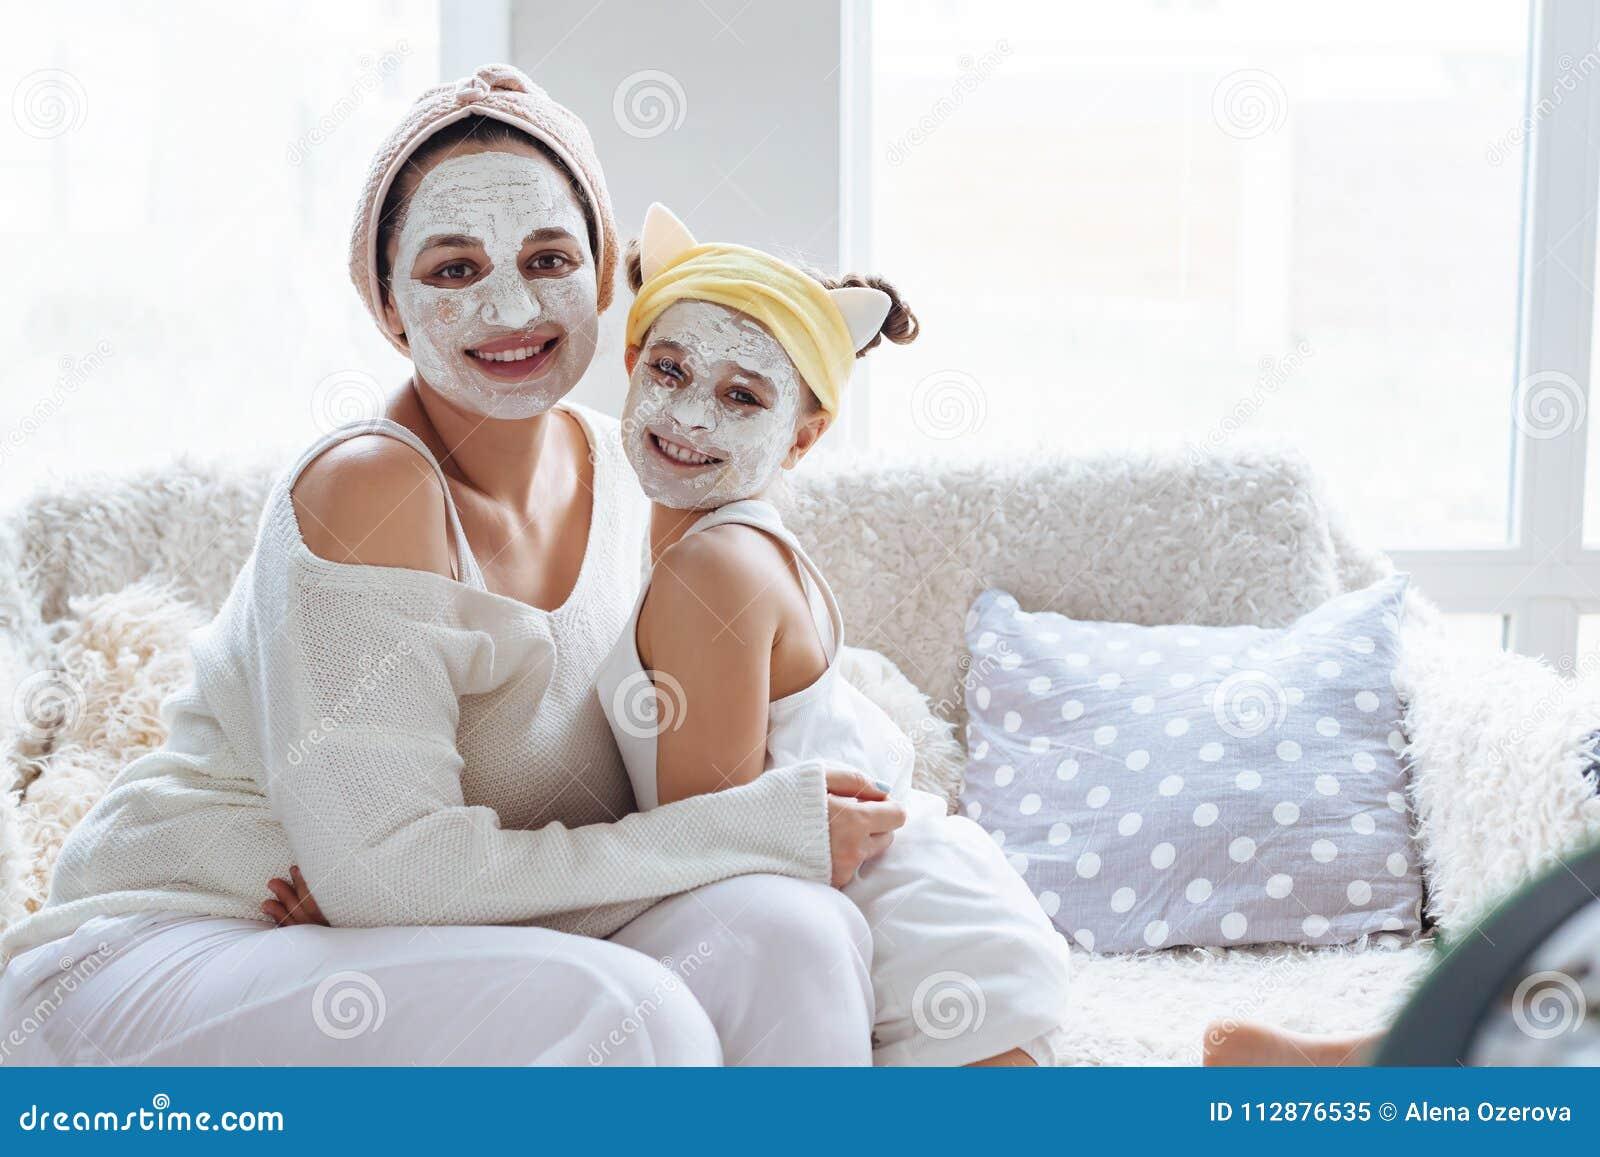 mamma che esce con sua figlia Omiai incontri